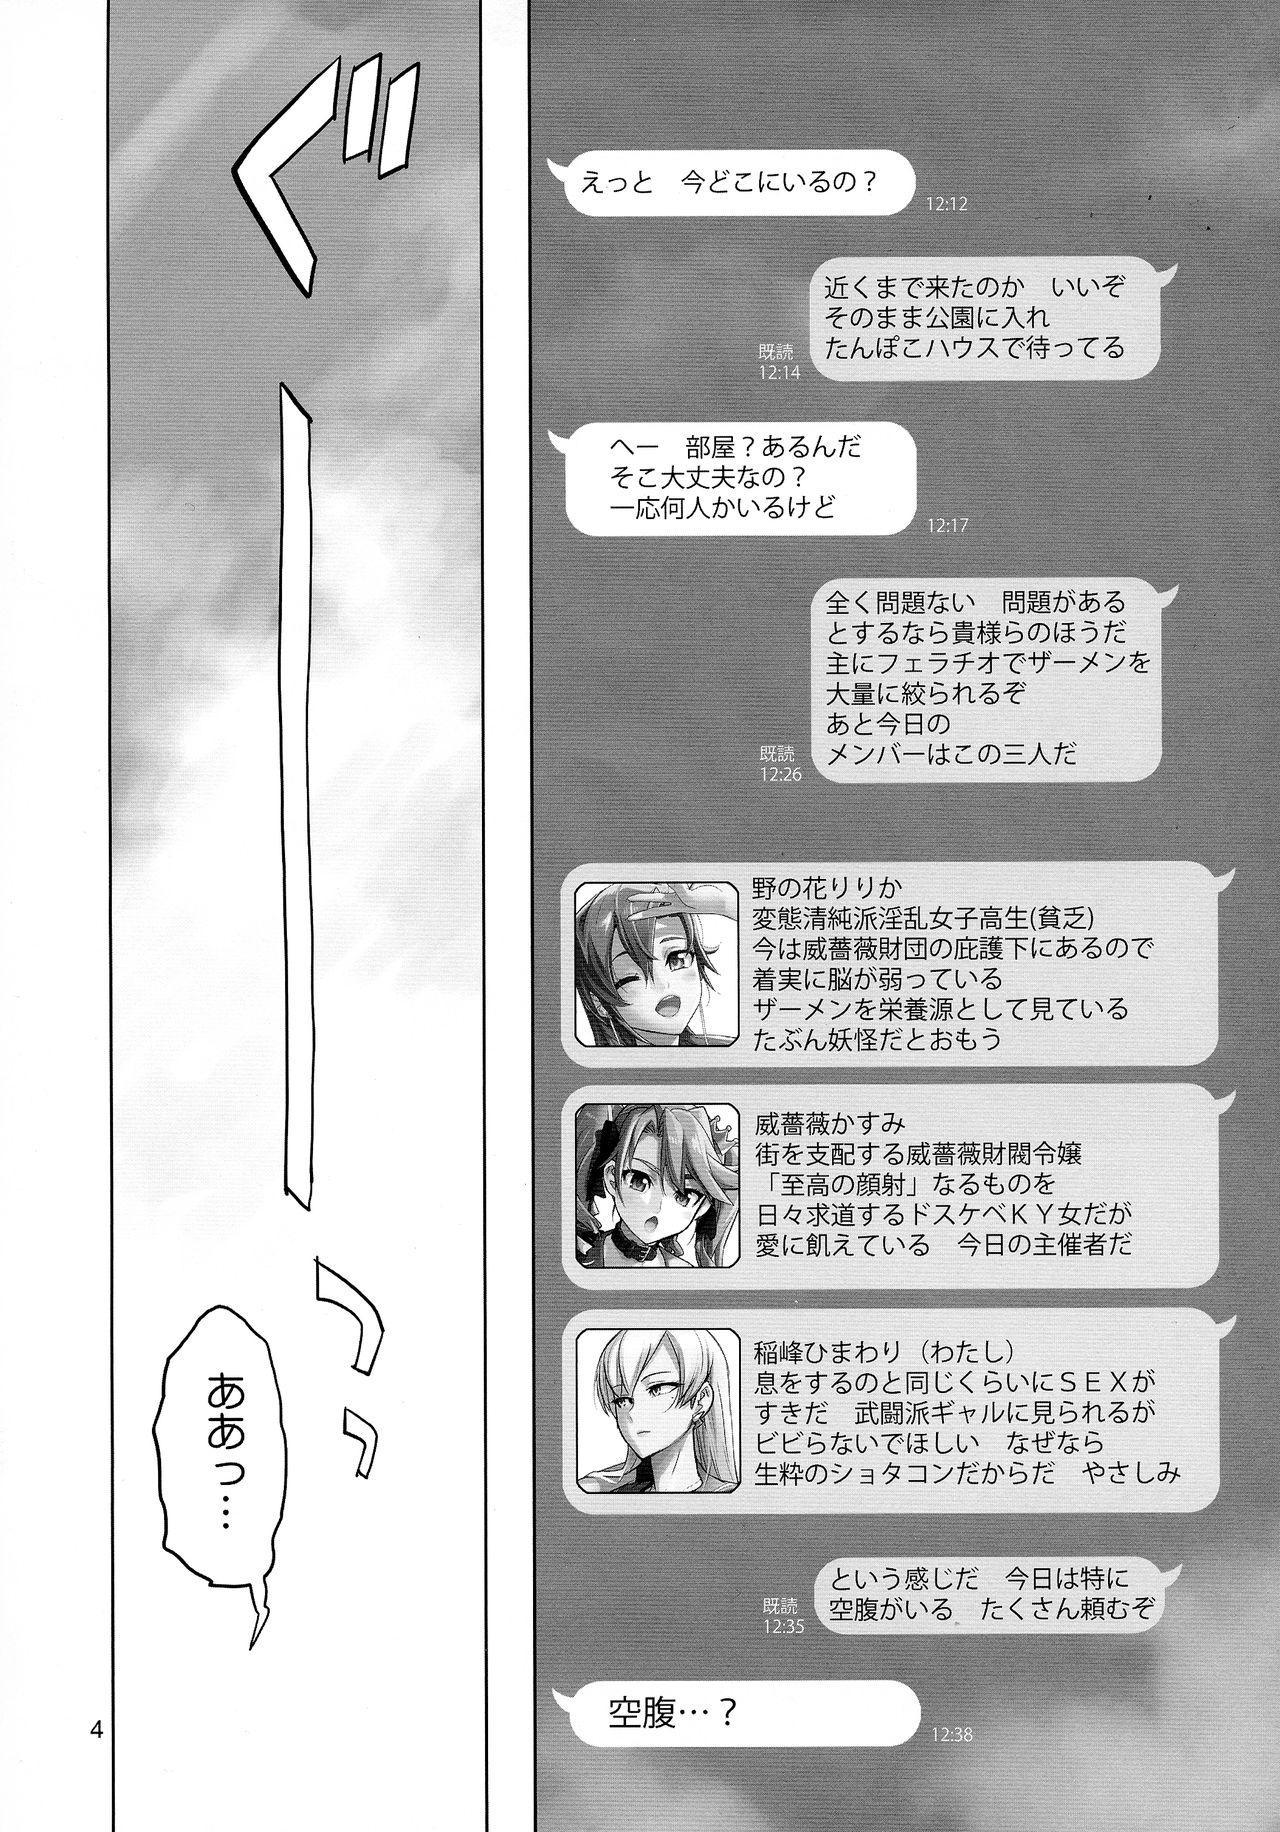 Uyokyokusetsu 3